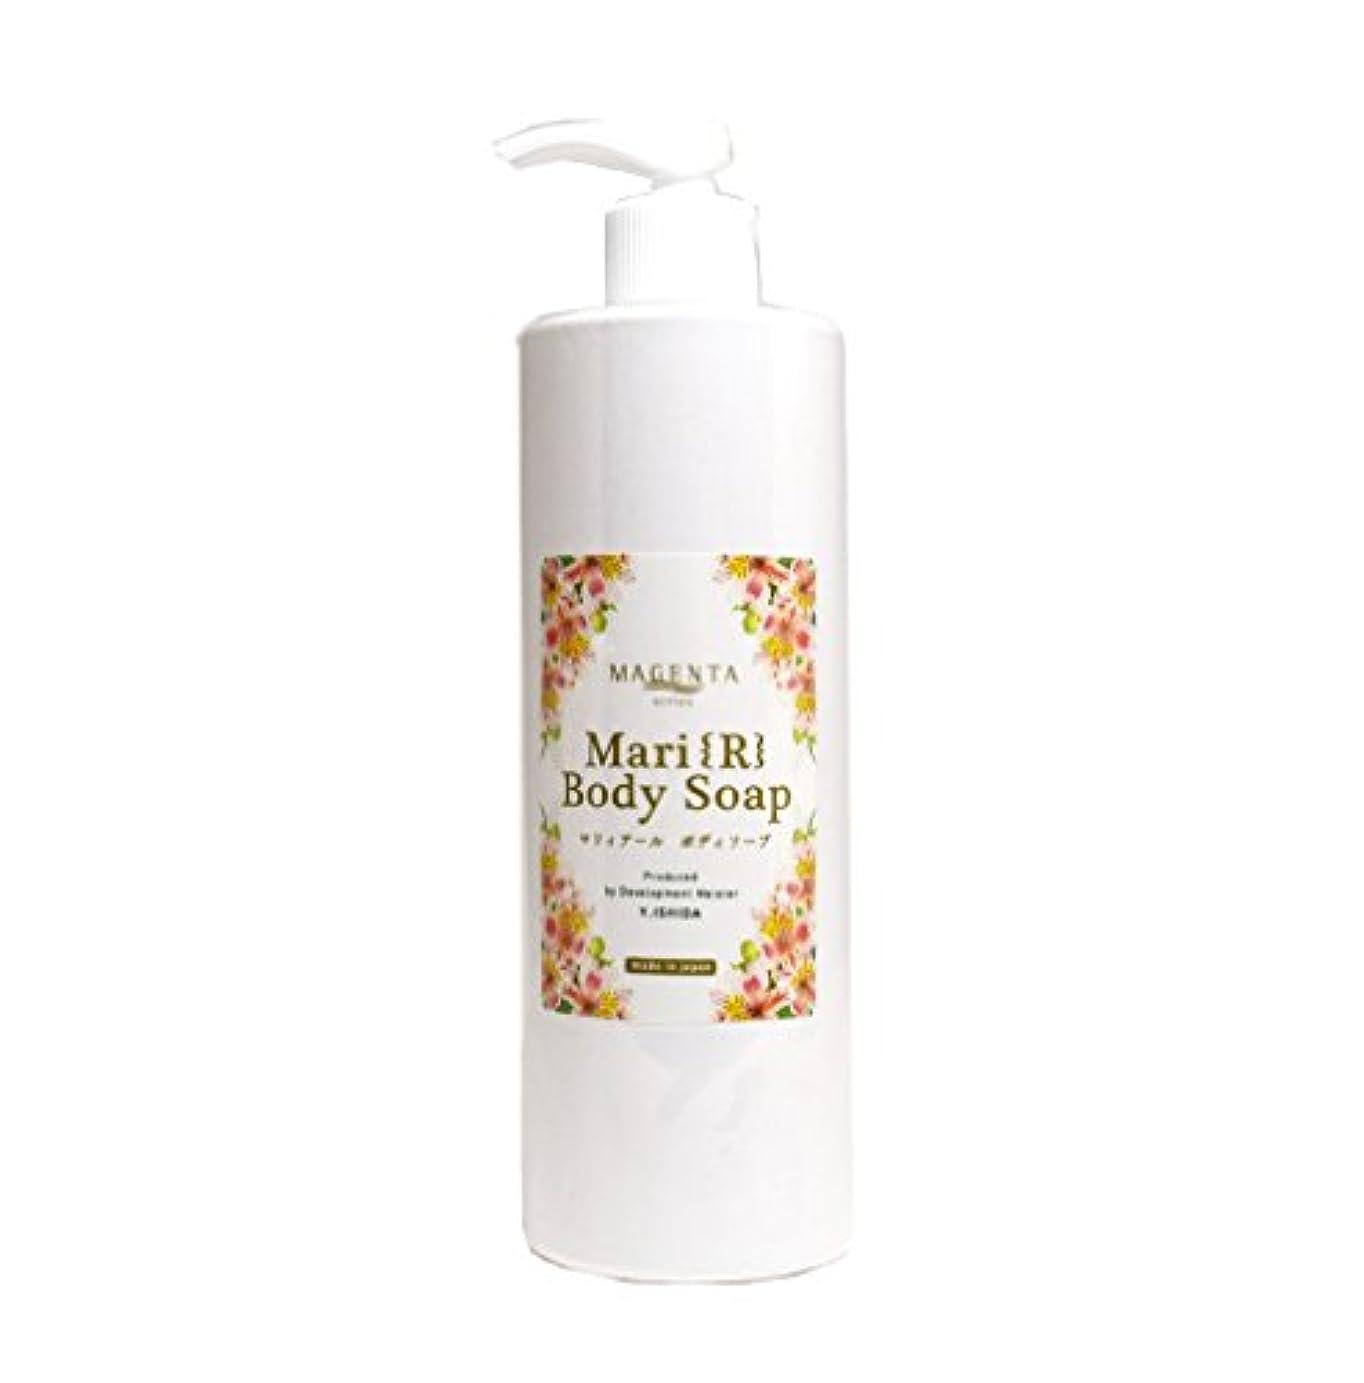 シャンプーラテン有効MAGENTA Mari R Body Soap 400ml マジェンタ マリイアール ボディソープ 日本製